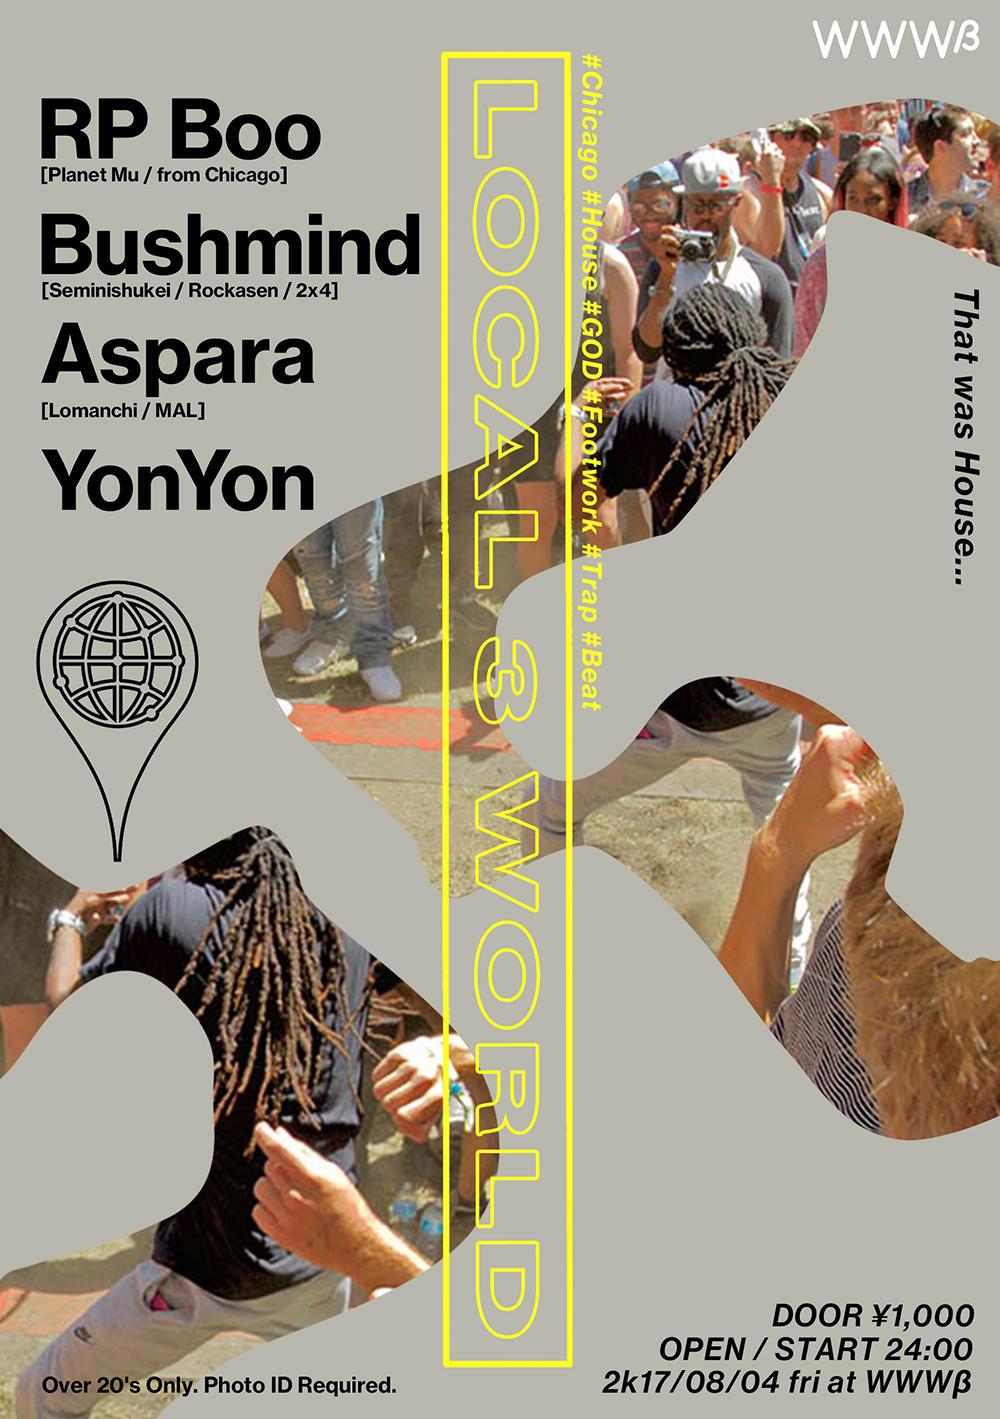 RP Boo / Bushmind / Aspara / YonYon